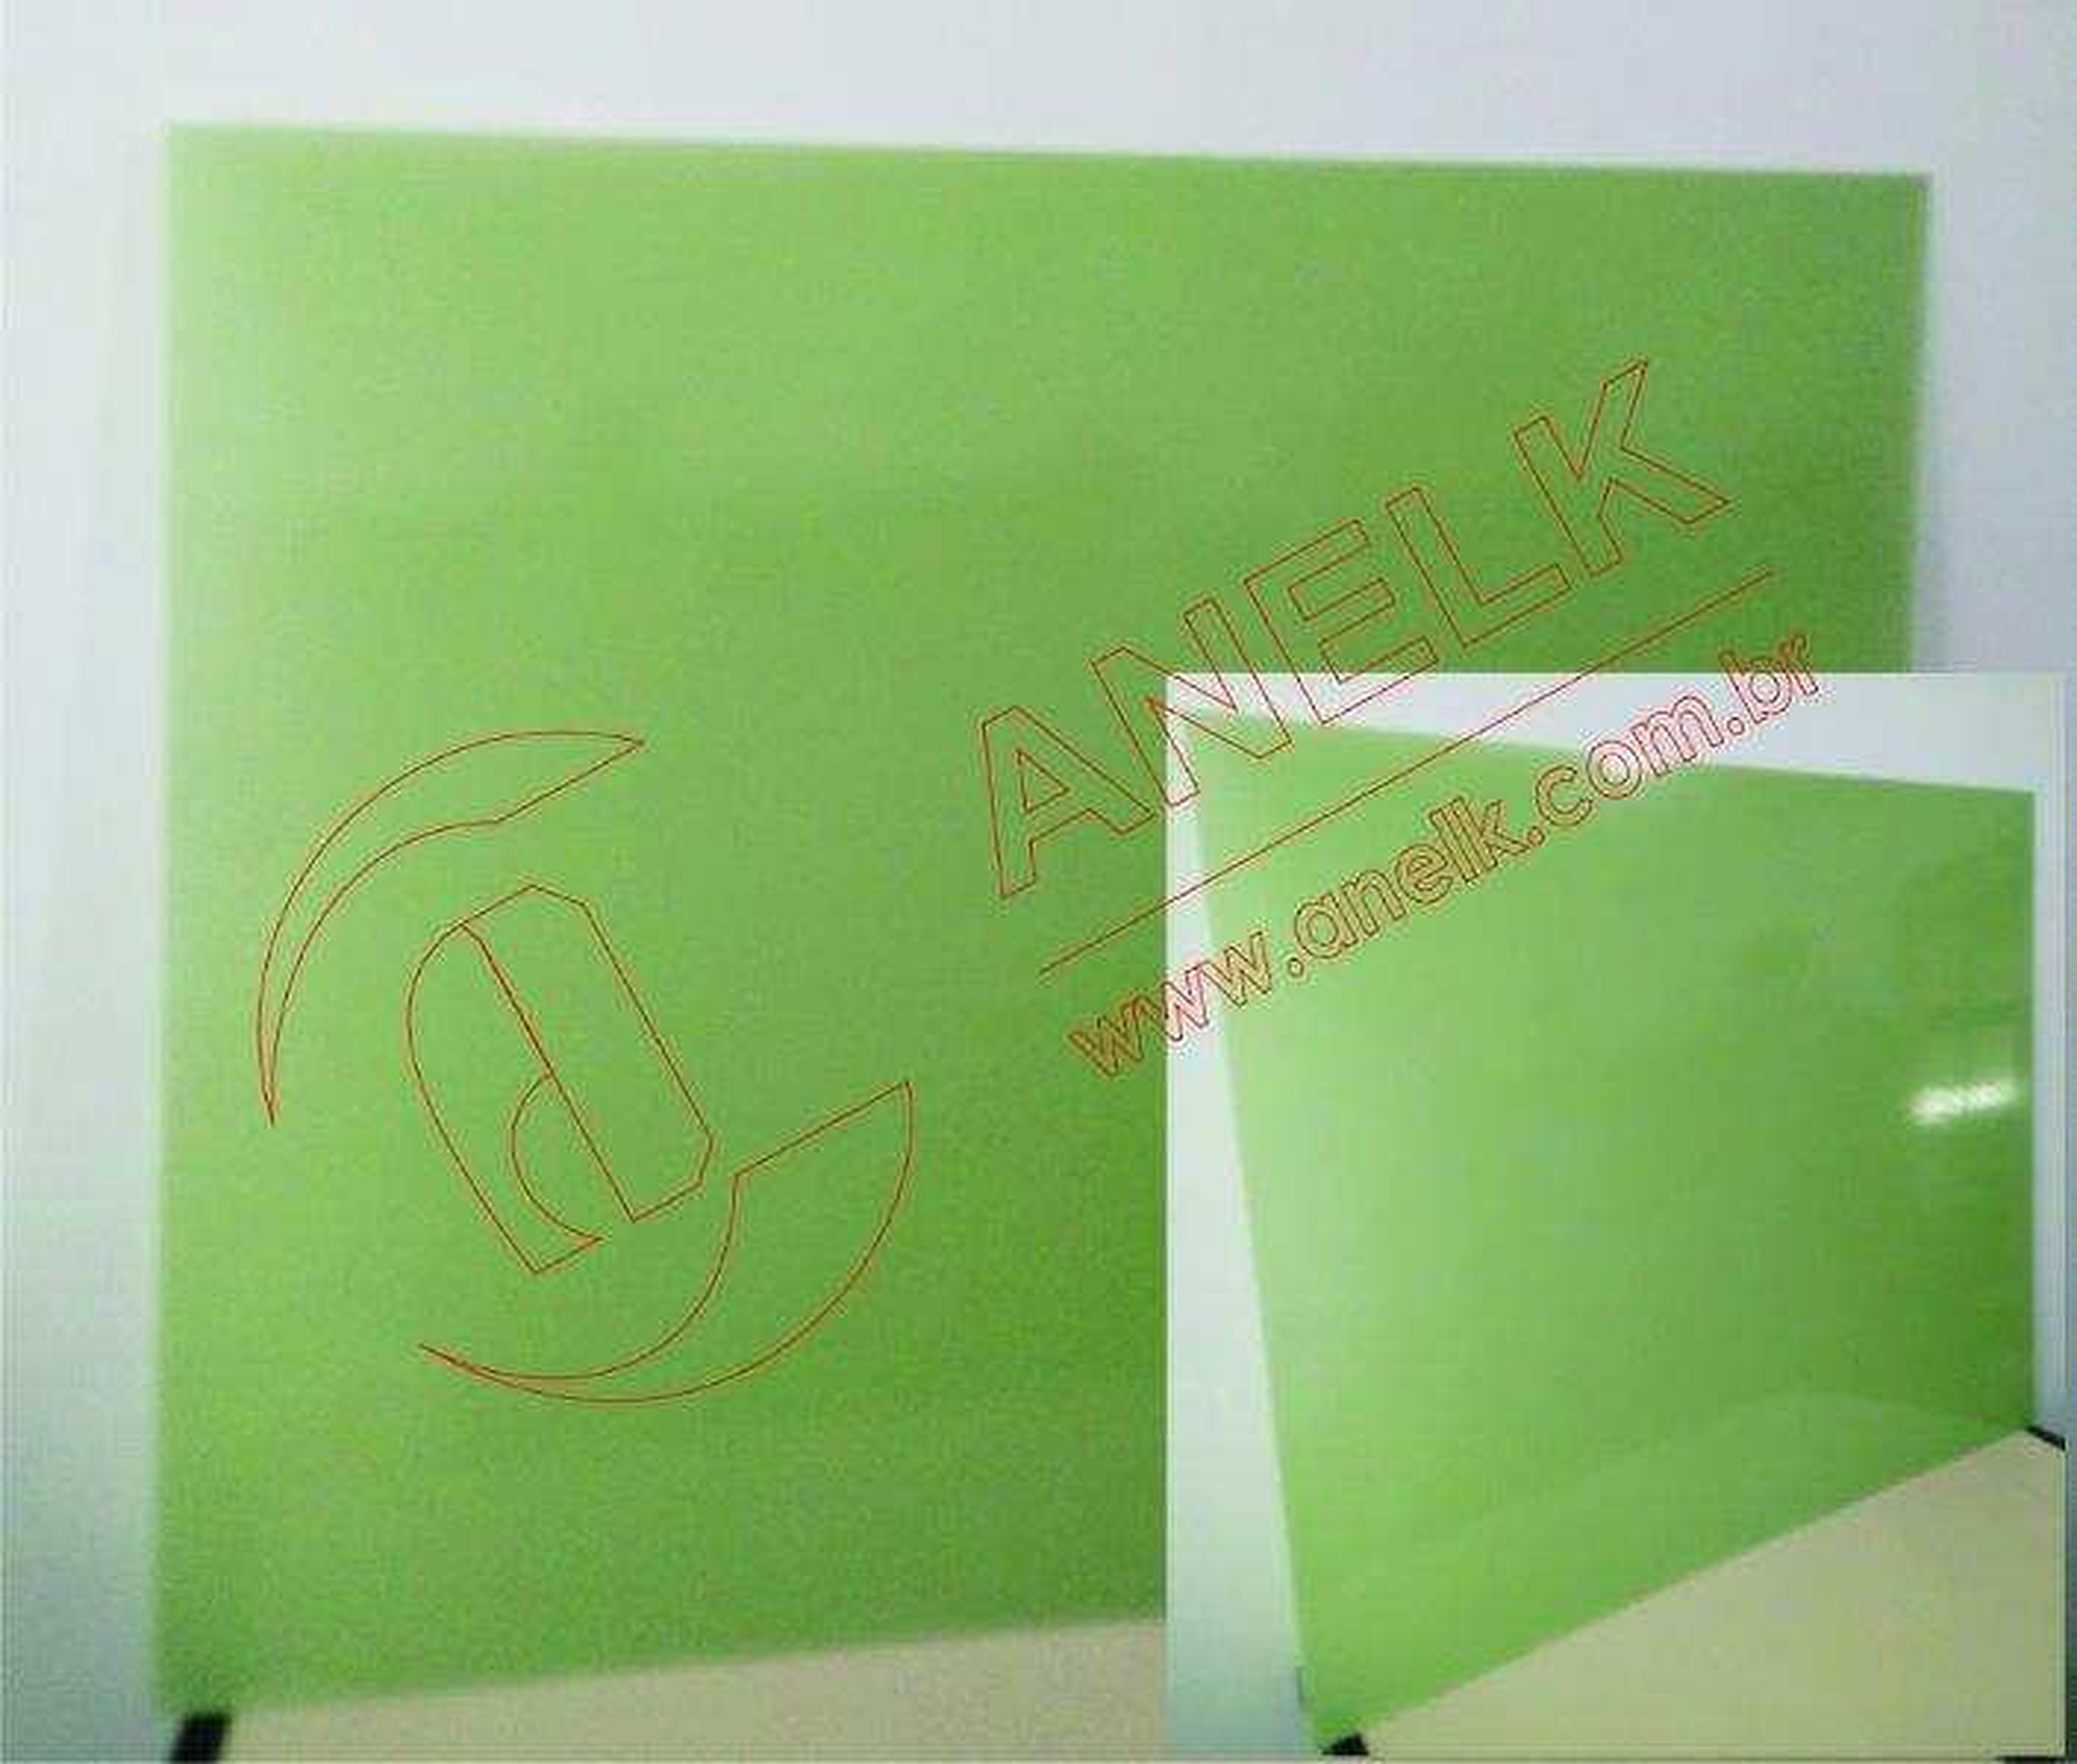 Chapa de fibra de vidro